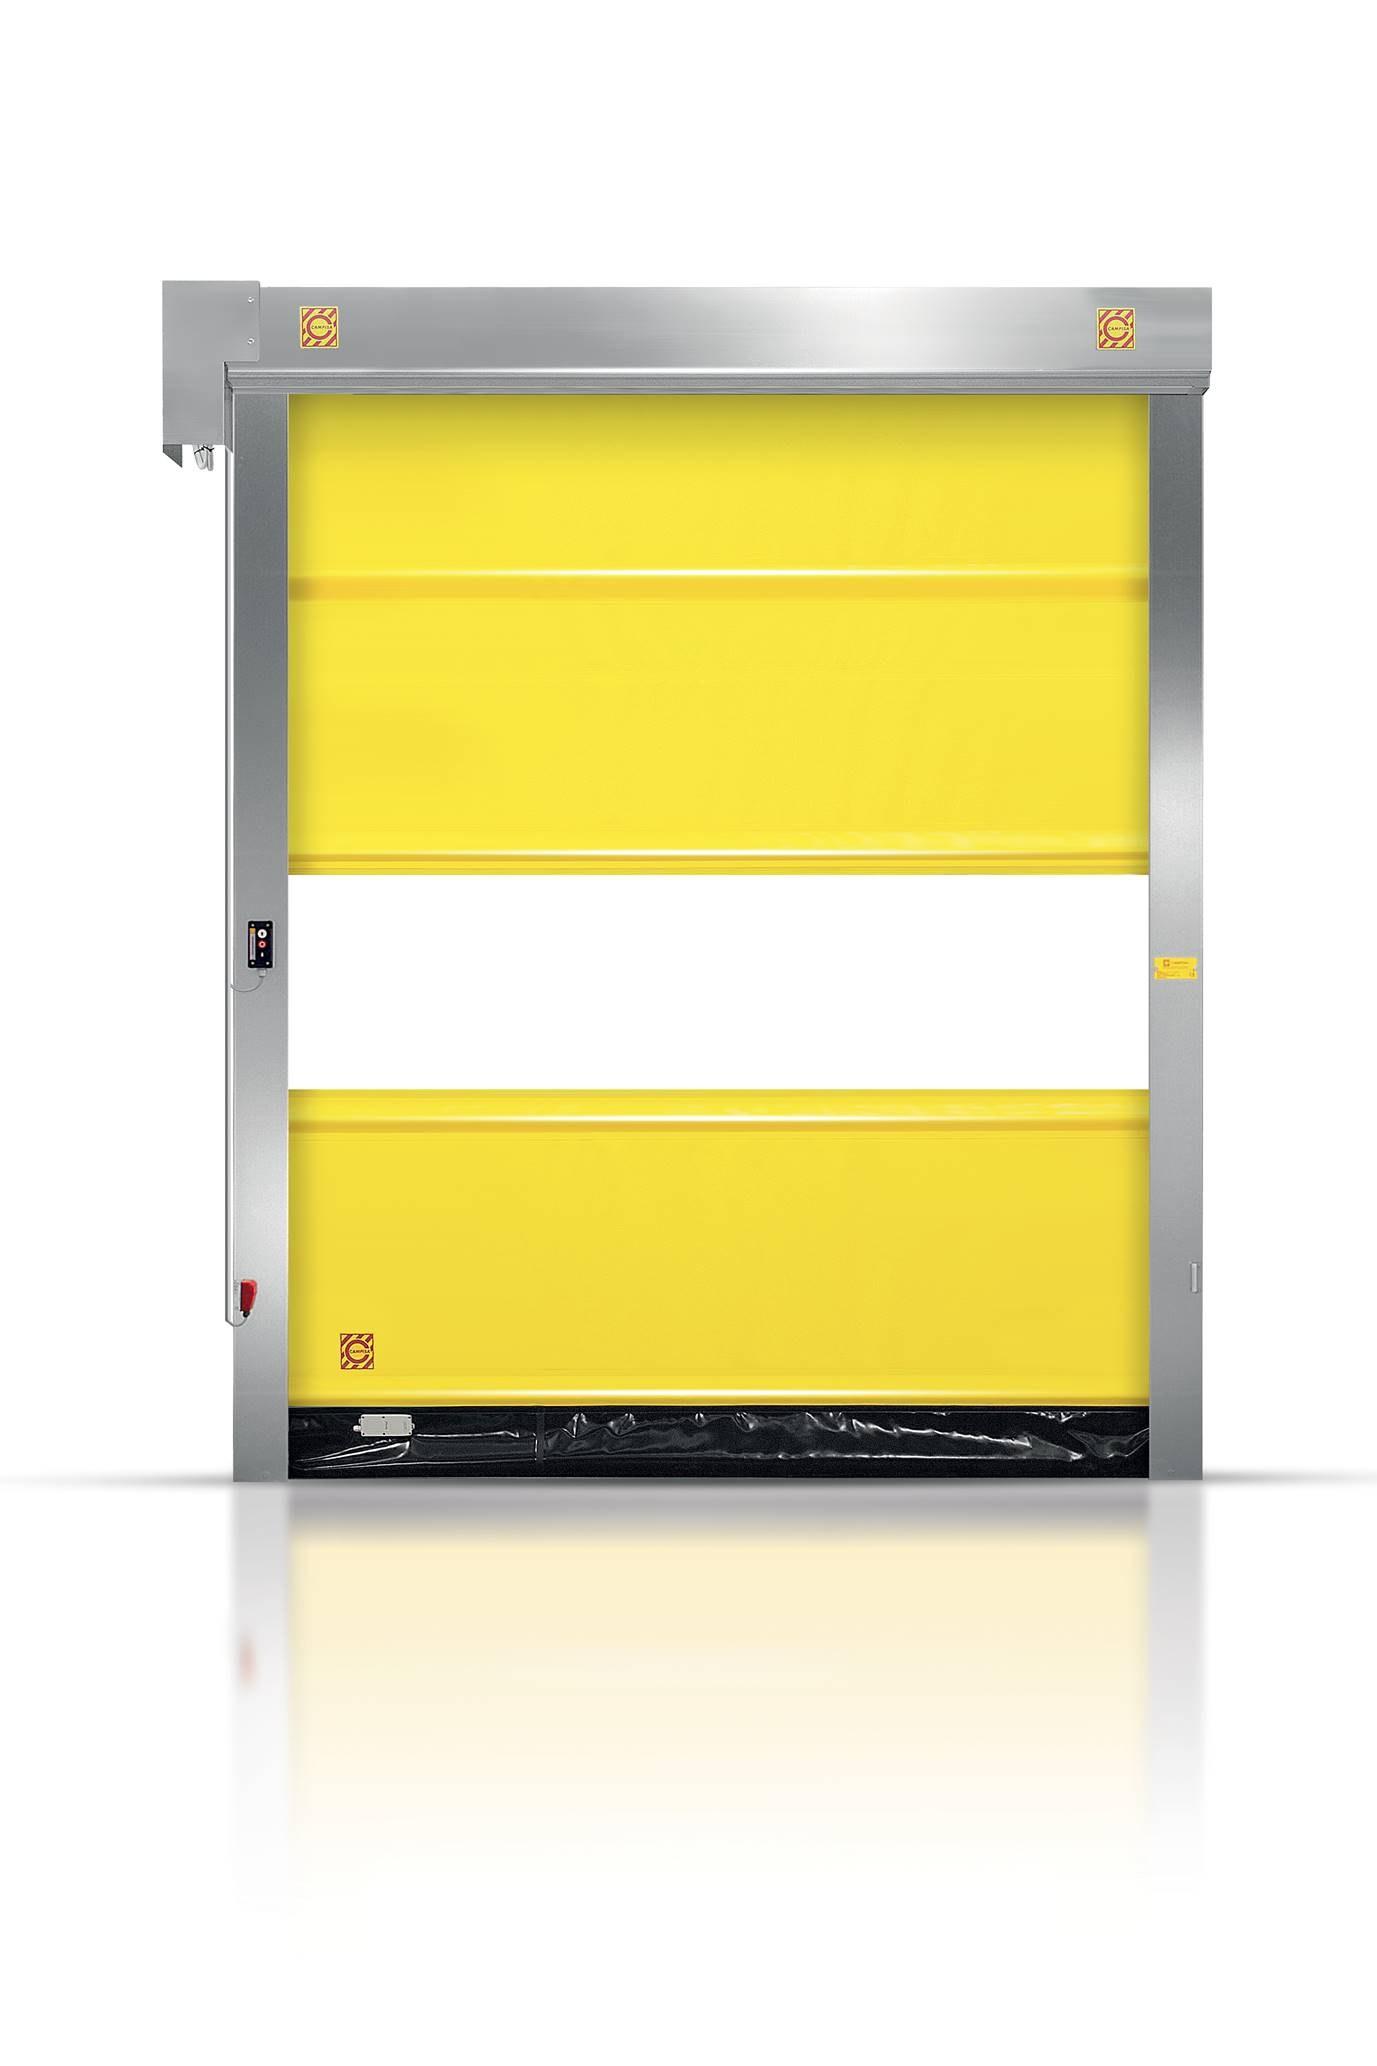 Промышленные скоростные гибкие ворота Campisa Smart Domino в Саратове - купить Промышленные скоростные гибкие ворота Campisa Smart Domino в Саратове прайс-лист цена 2021